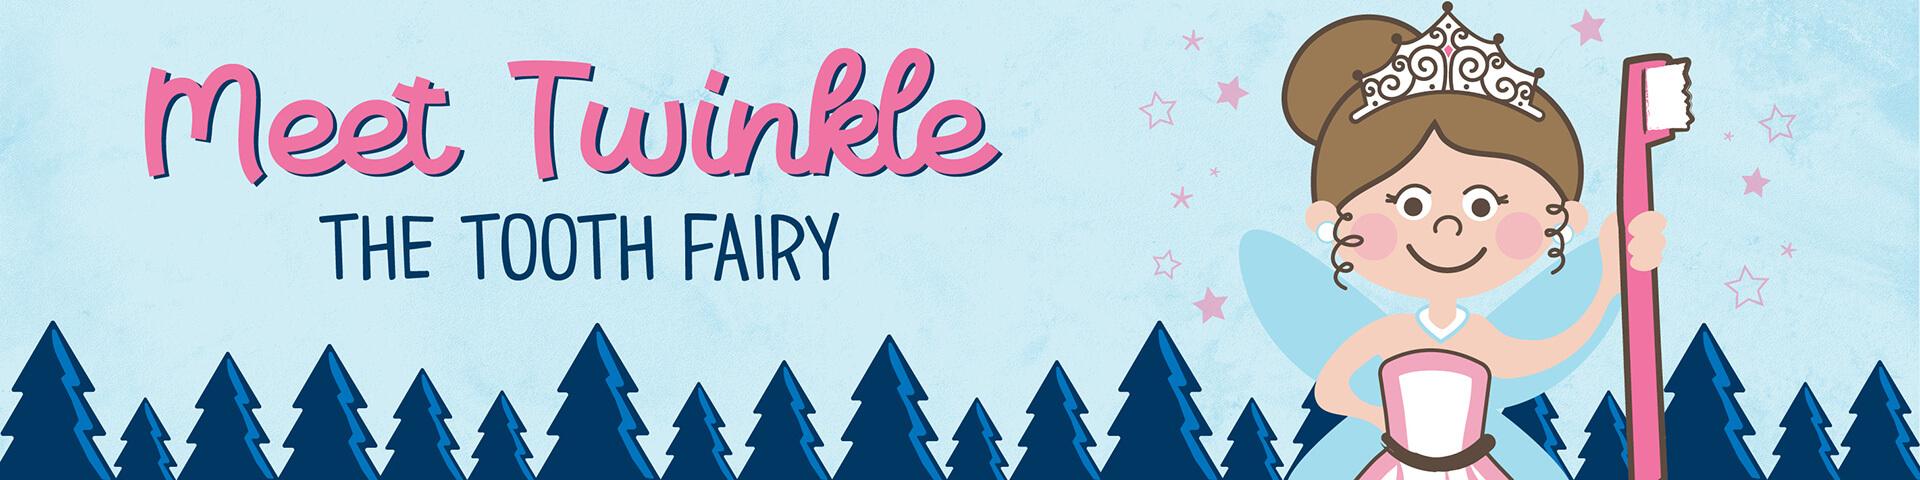 Meet Twinkle Tooth Fairy